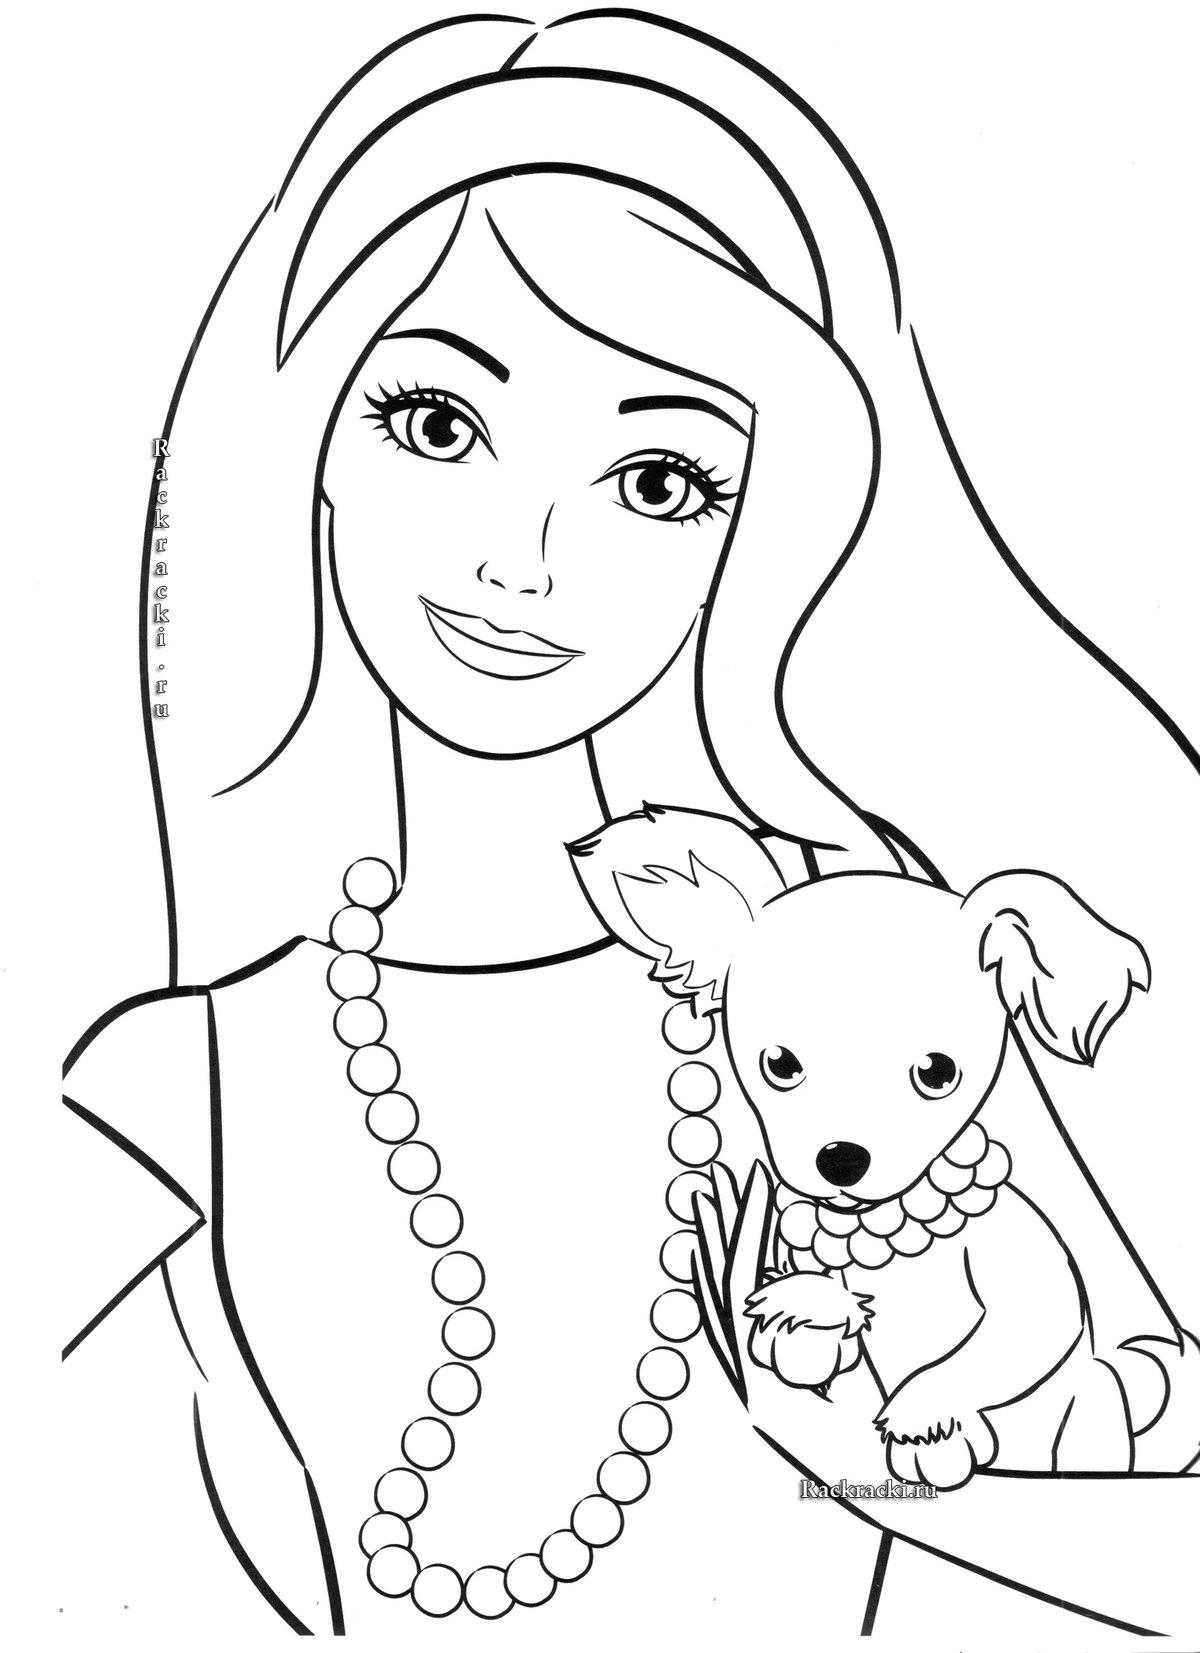 Рисовать онлайн картинки для девочек